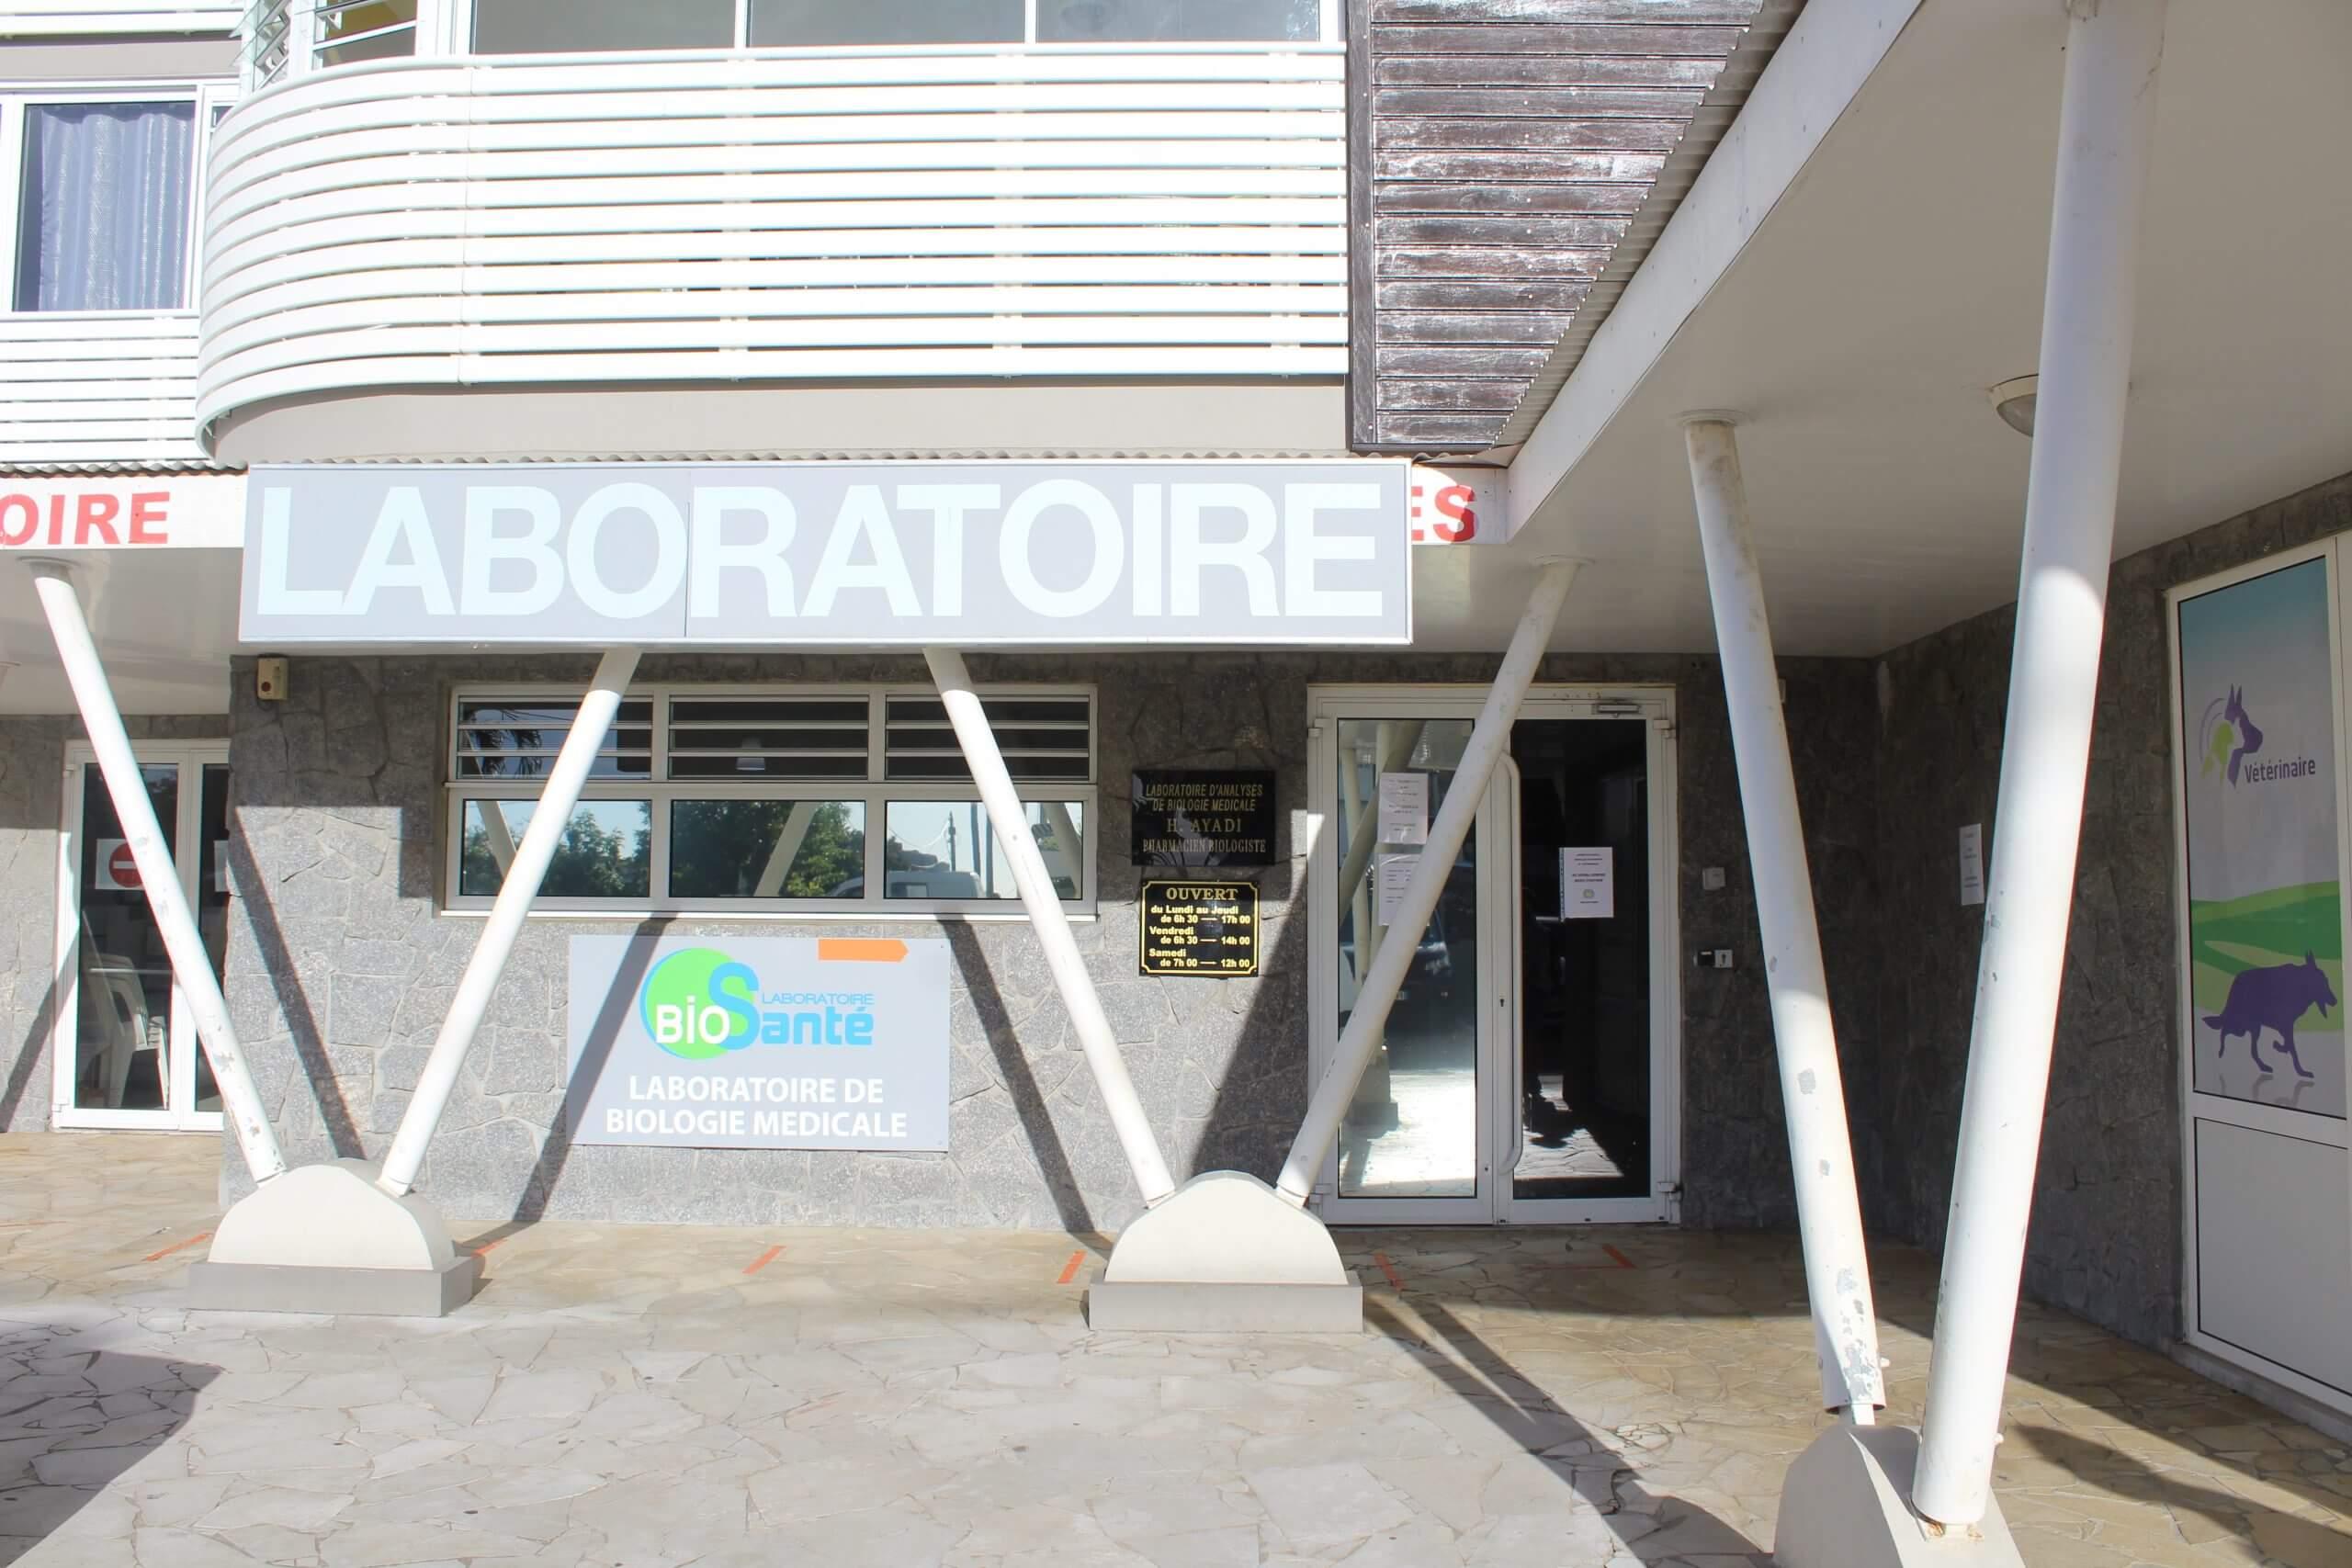 Laboratoire Redoute